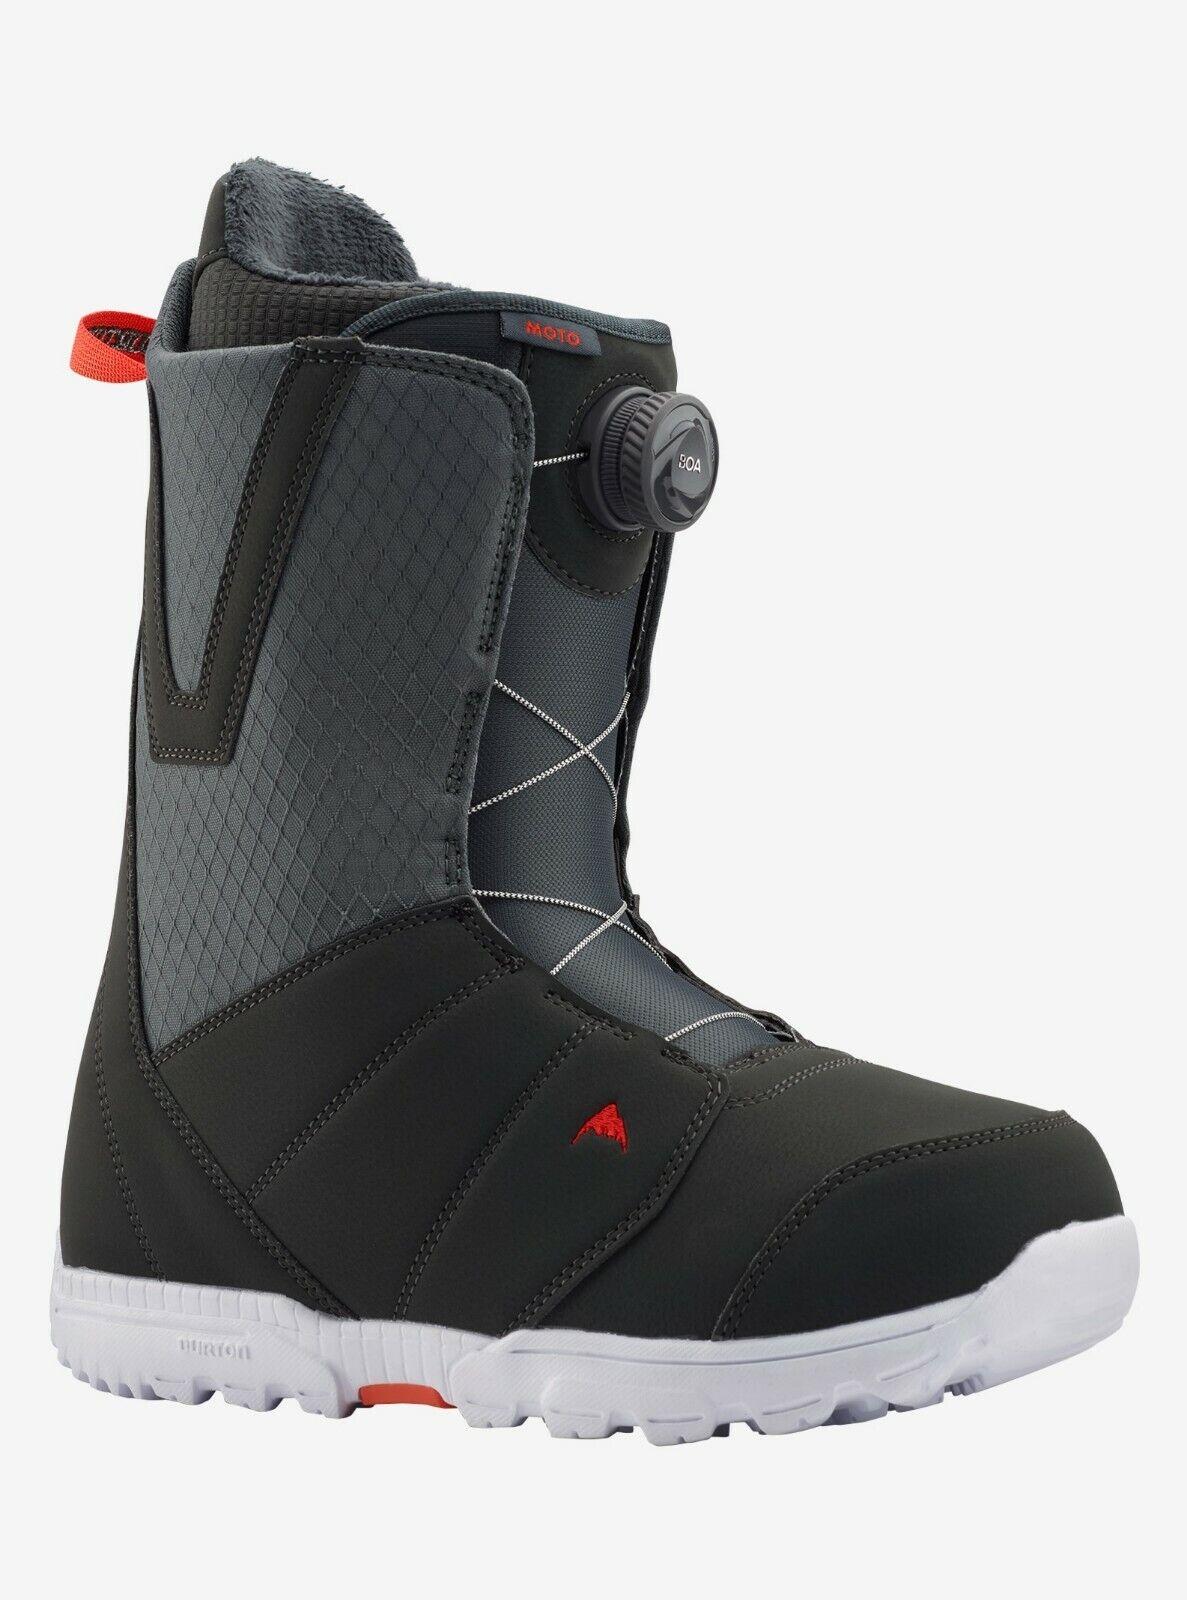 Burton Moto BOA | 2020 - Mens Snowboard Boots | Gray / Red